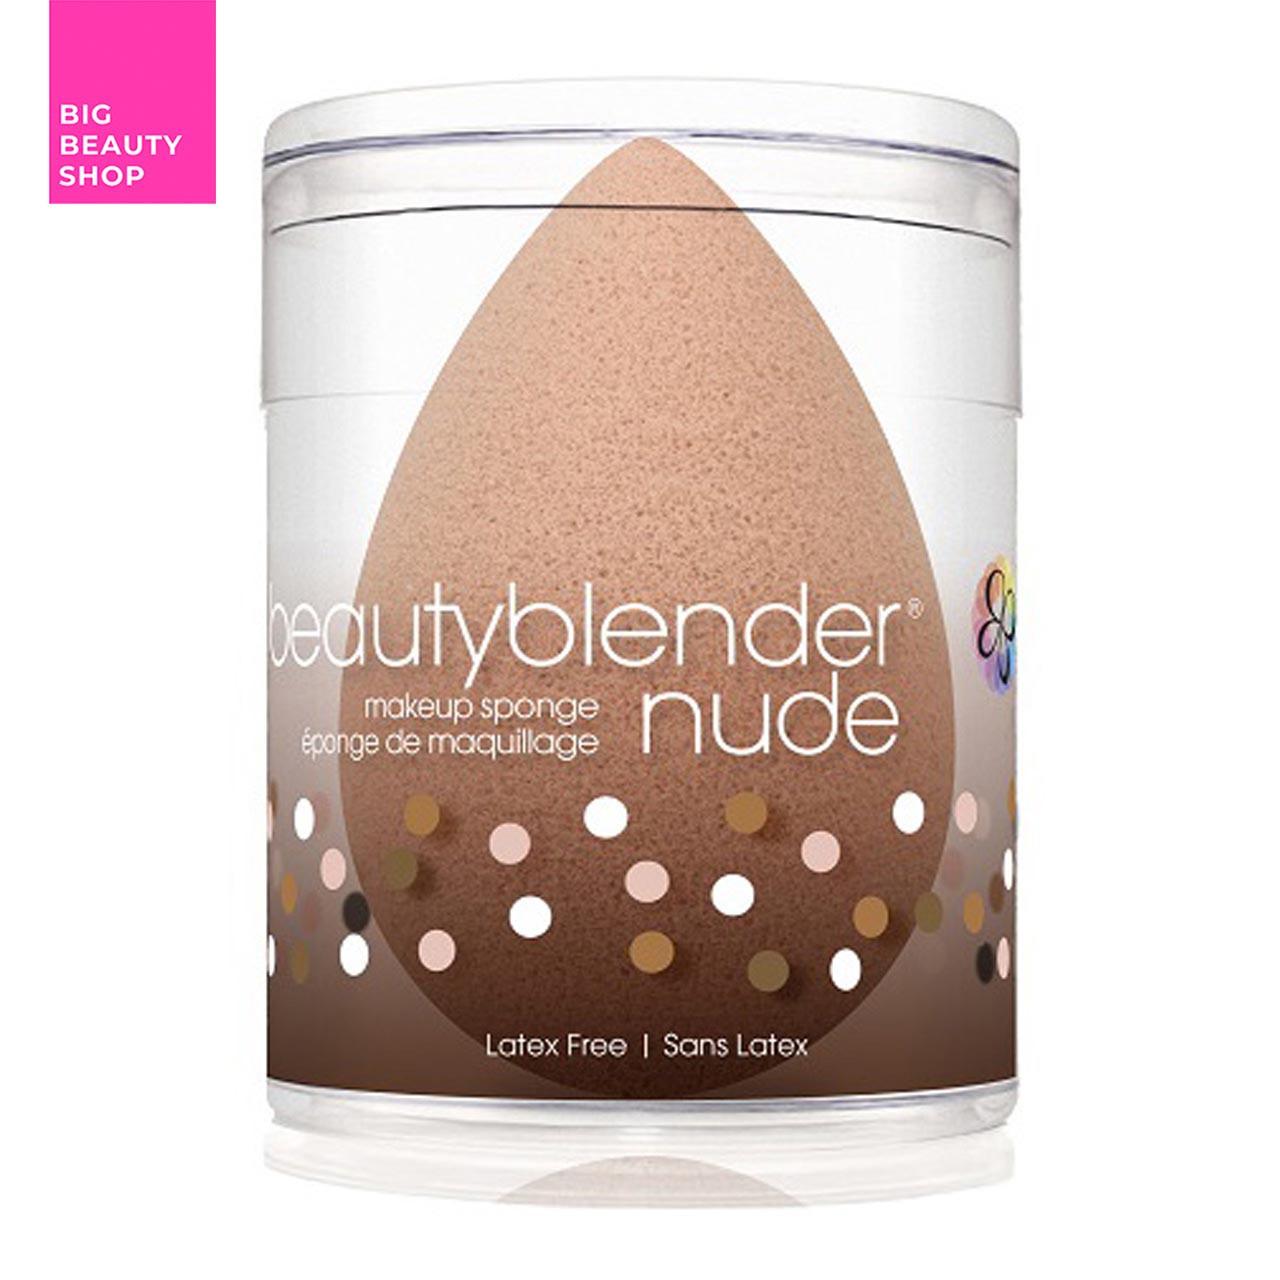 Спонжик Beautyblender nude